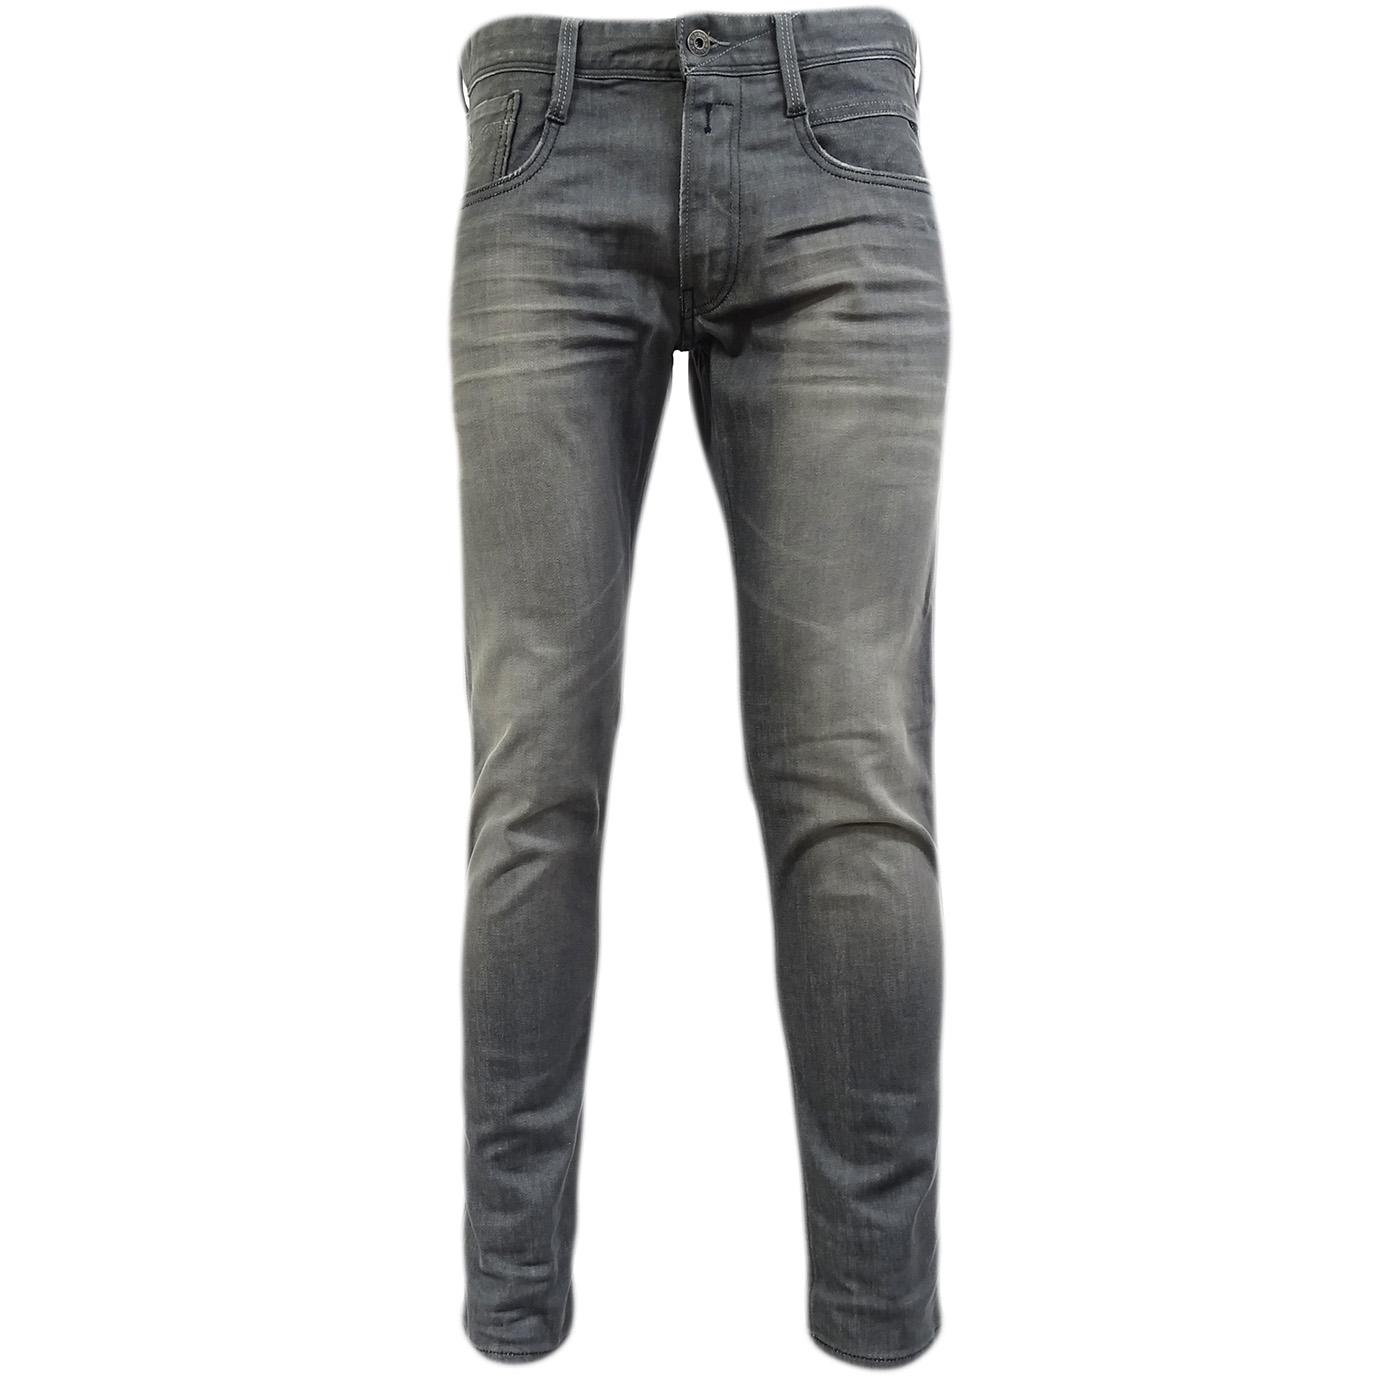 Replay Anbass grigio Slim Fit grigio - M914-21c-166-009  Anbass    eBay 19b2e68ff3